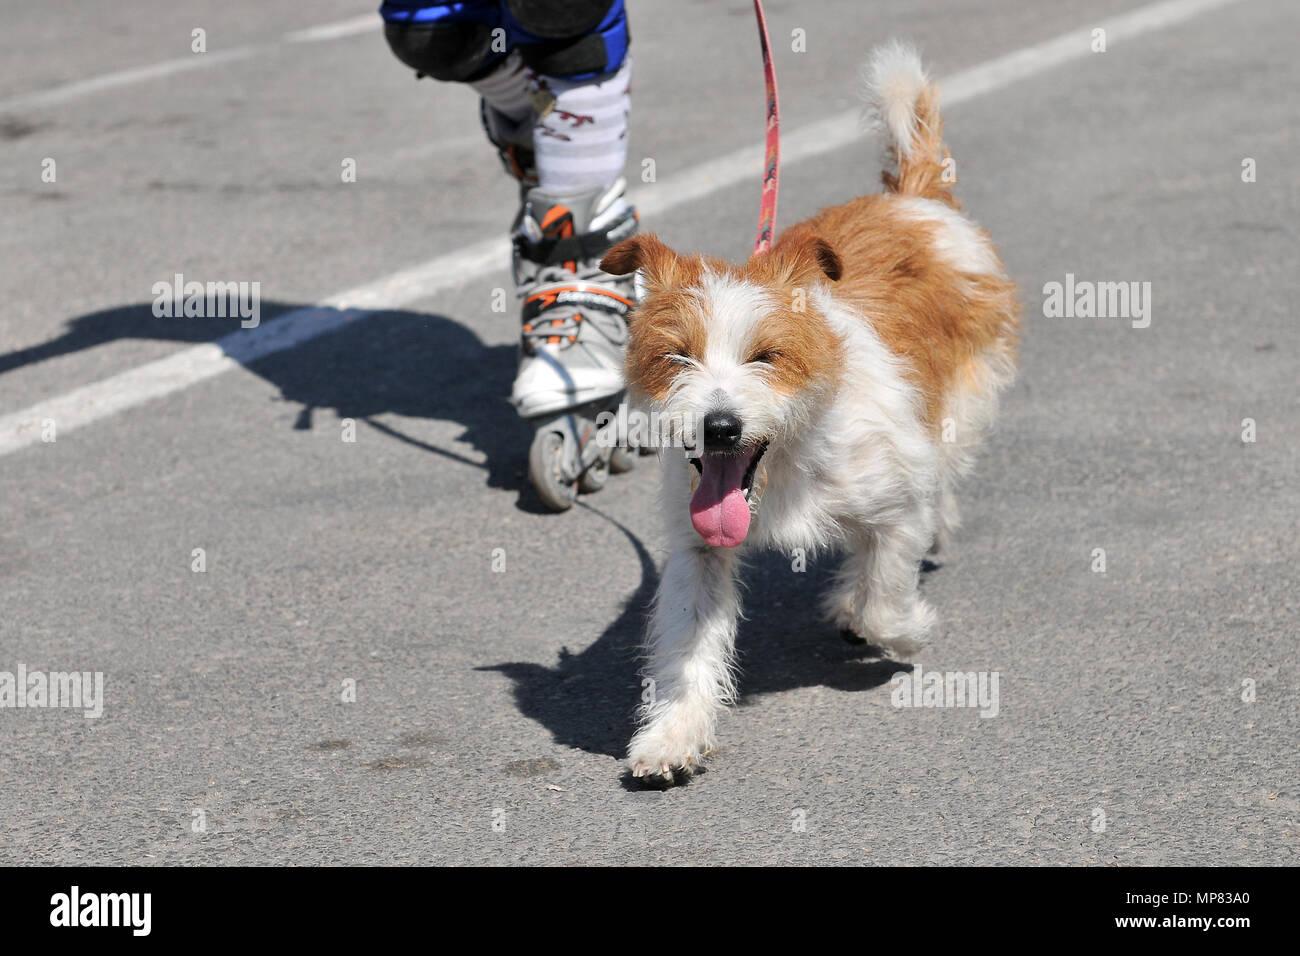 Perro doméstico en carrera de runners. - Stock Image